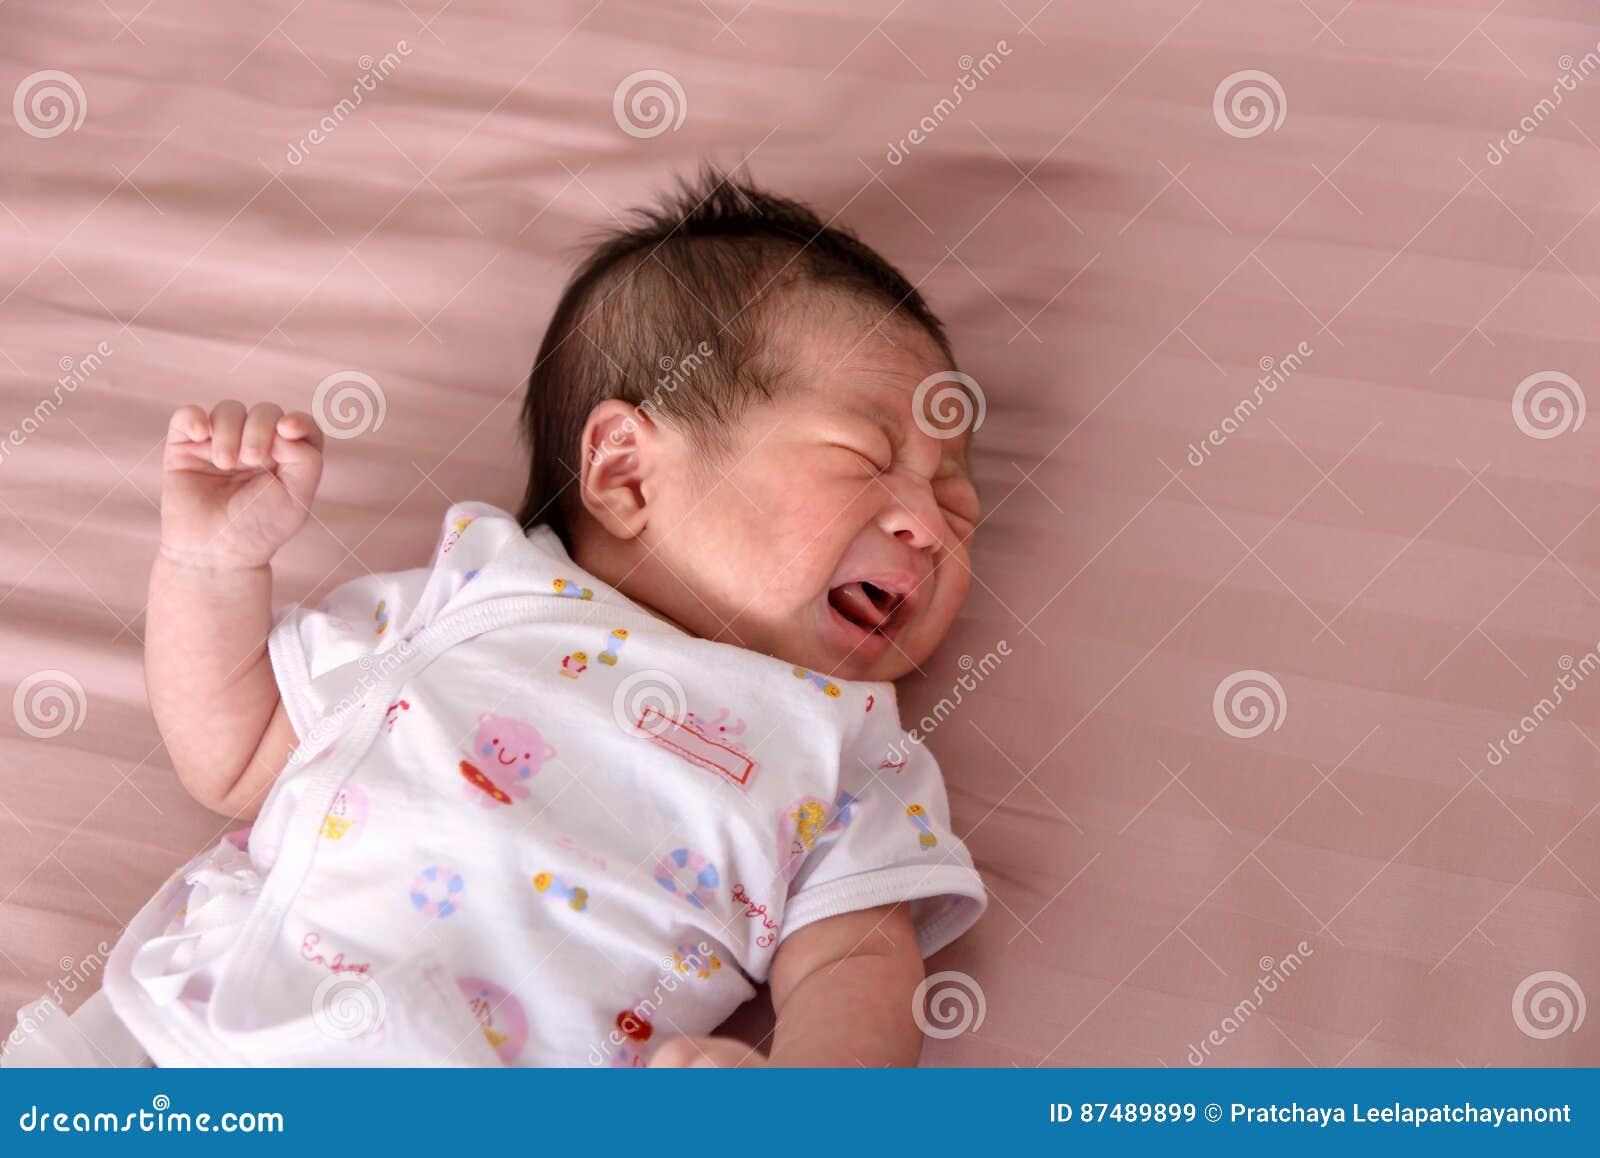 Dziecko płakać noworodek